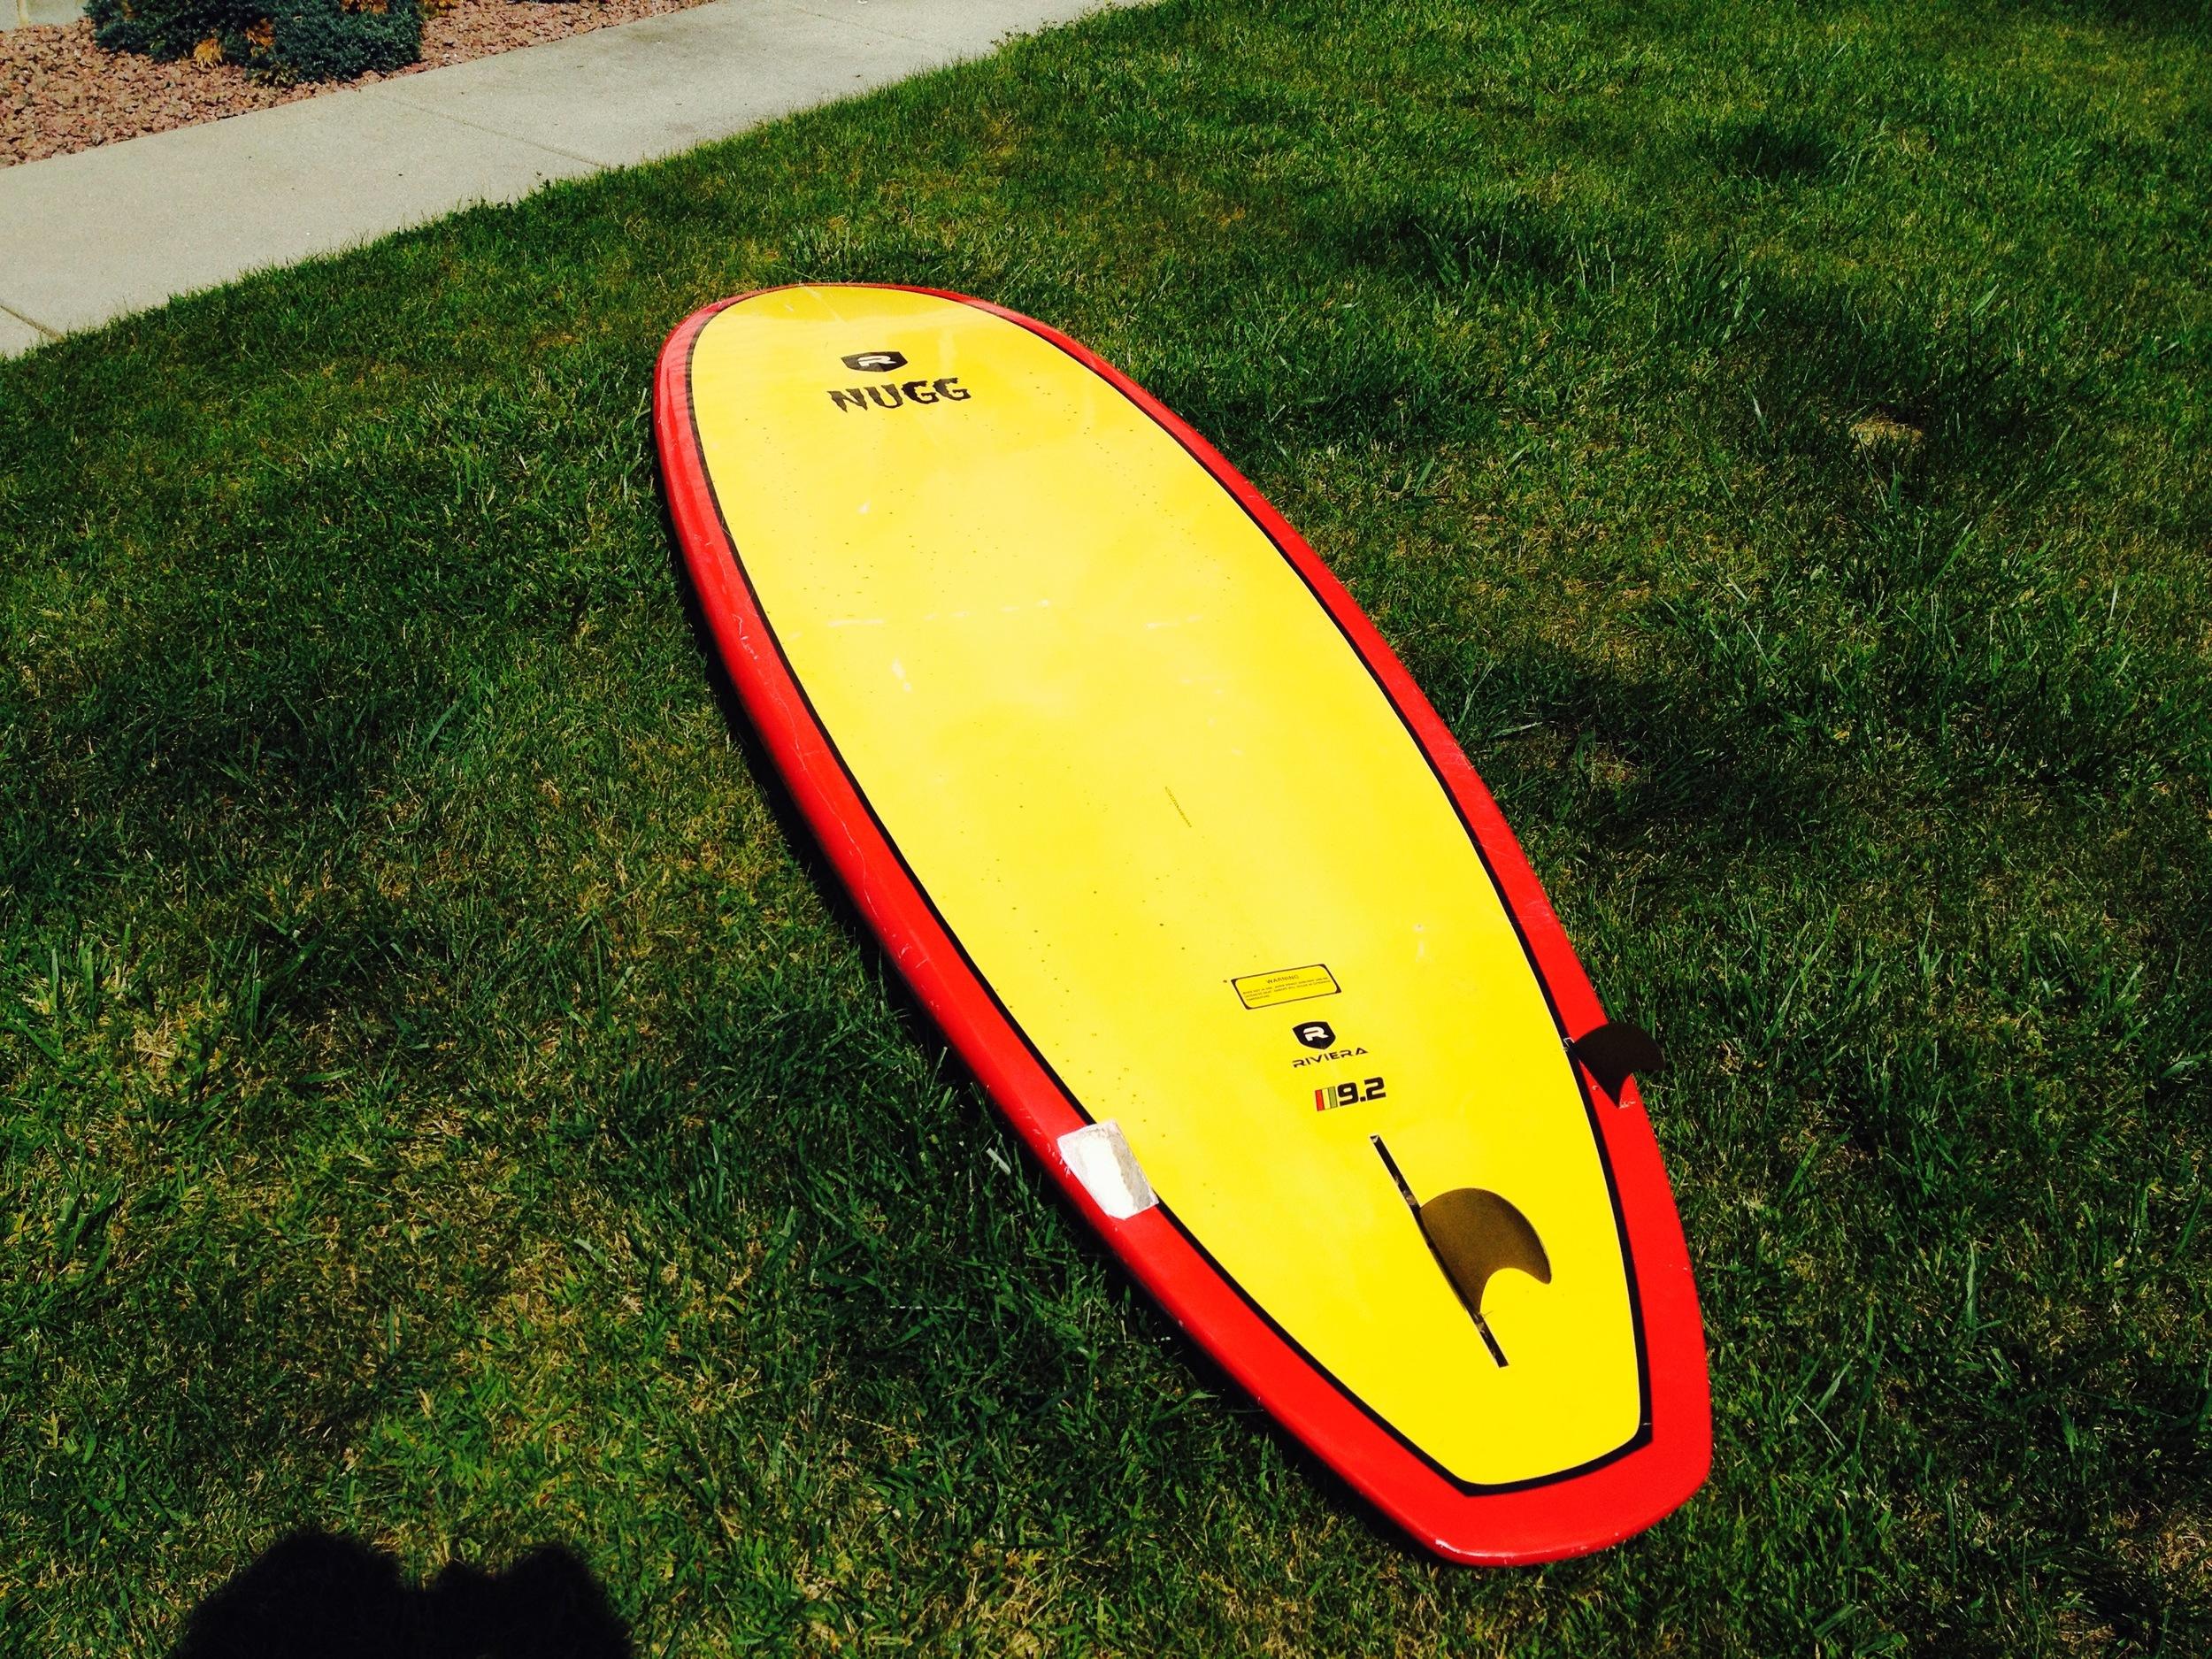 Board drying in the sun.